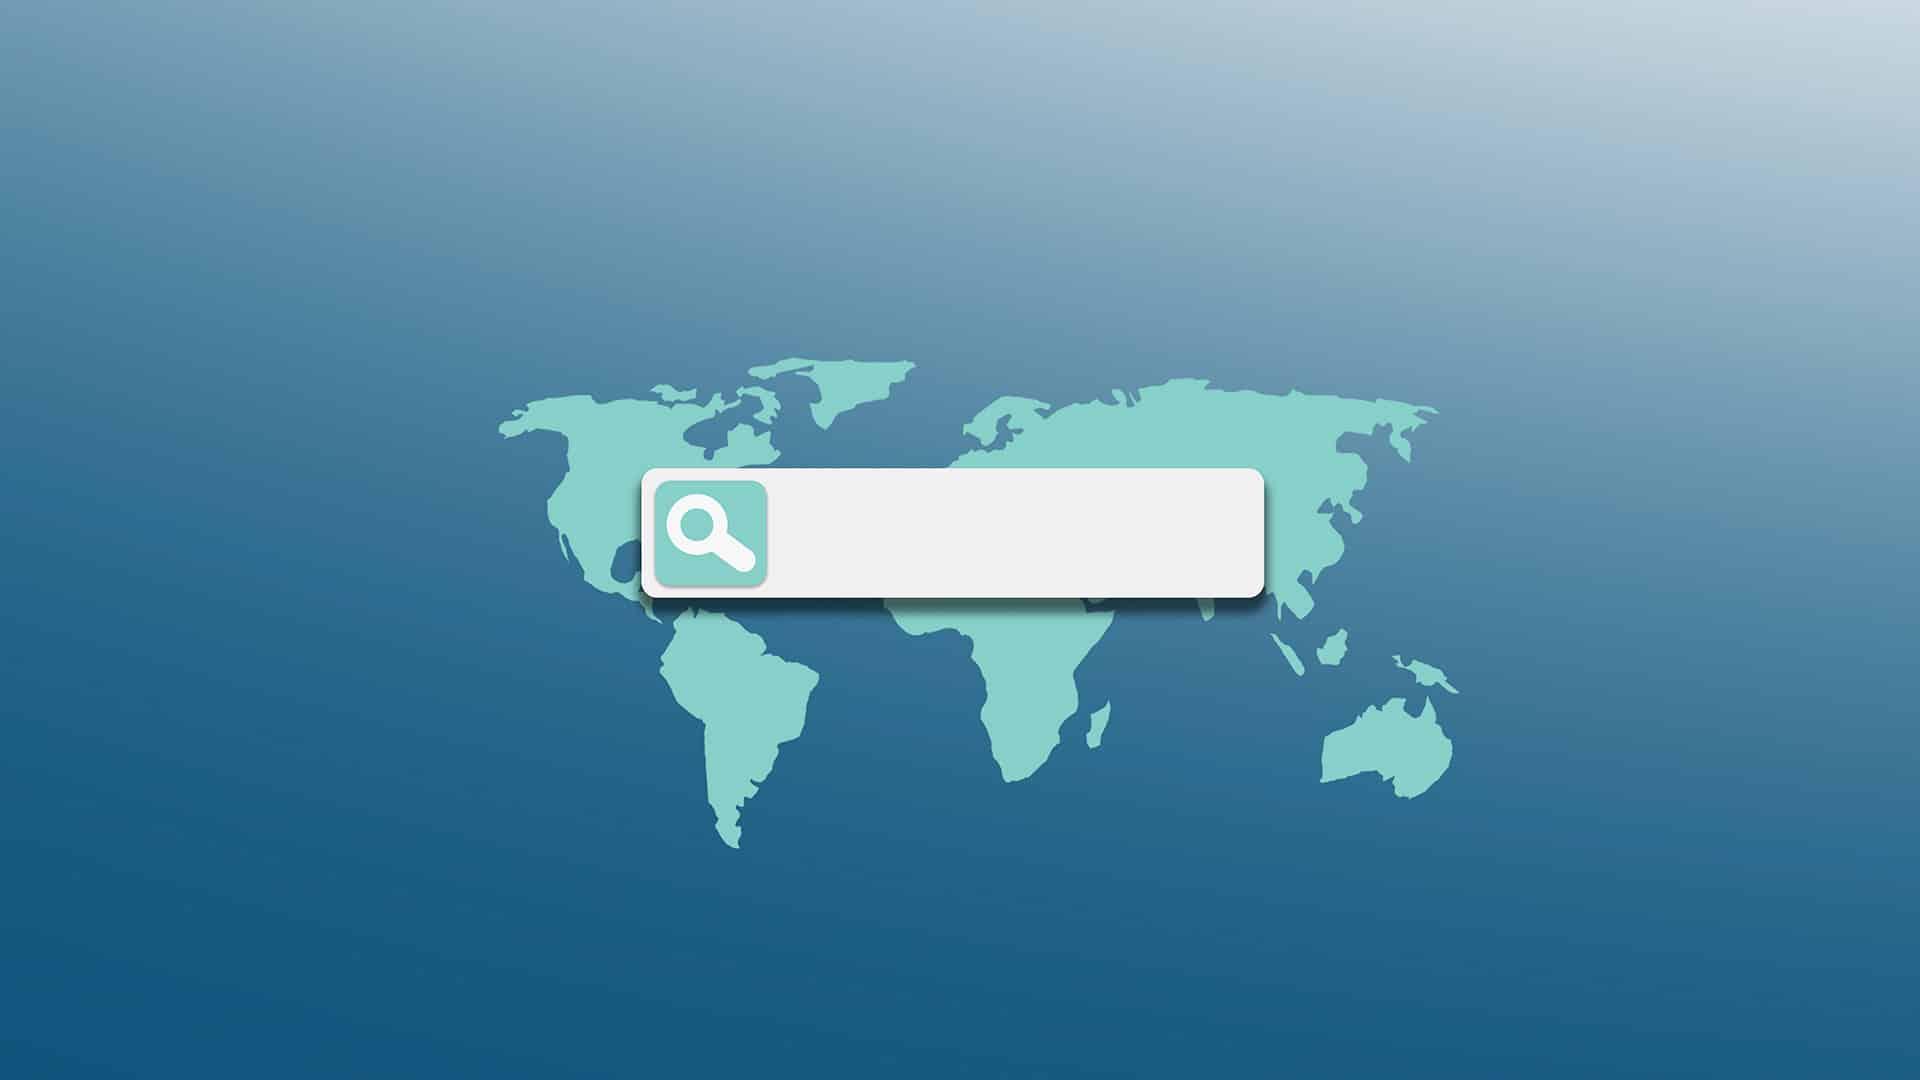 Come usare Google per ricerche in Paesi e lingue diverse